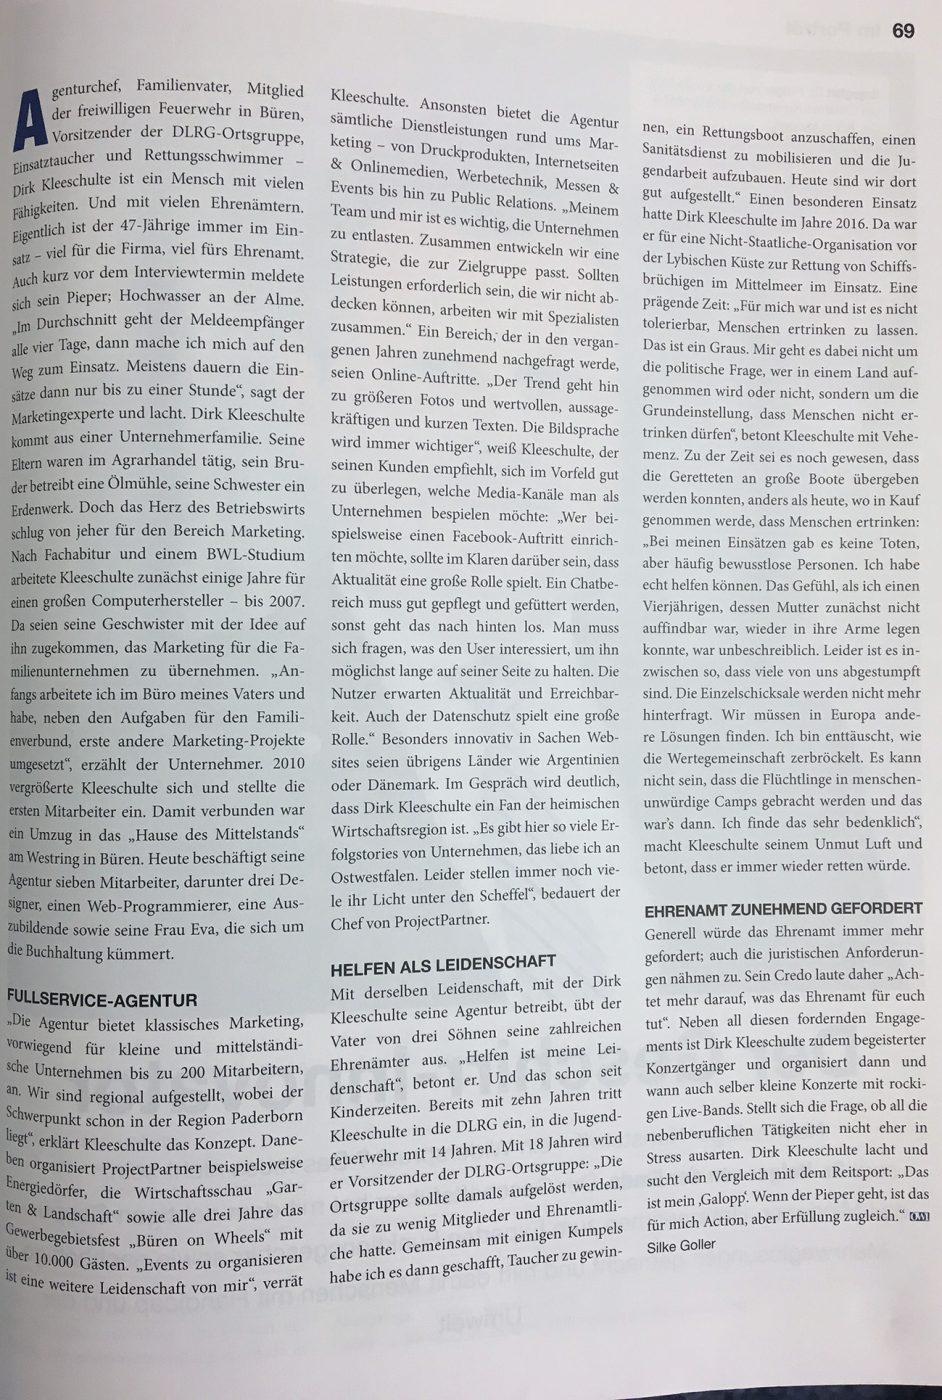 Dirk_kleeschulte_Unternehmer_und-Ehrenaemtler3